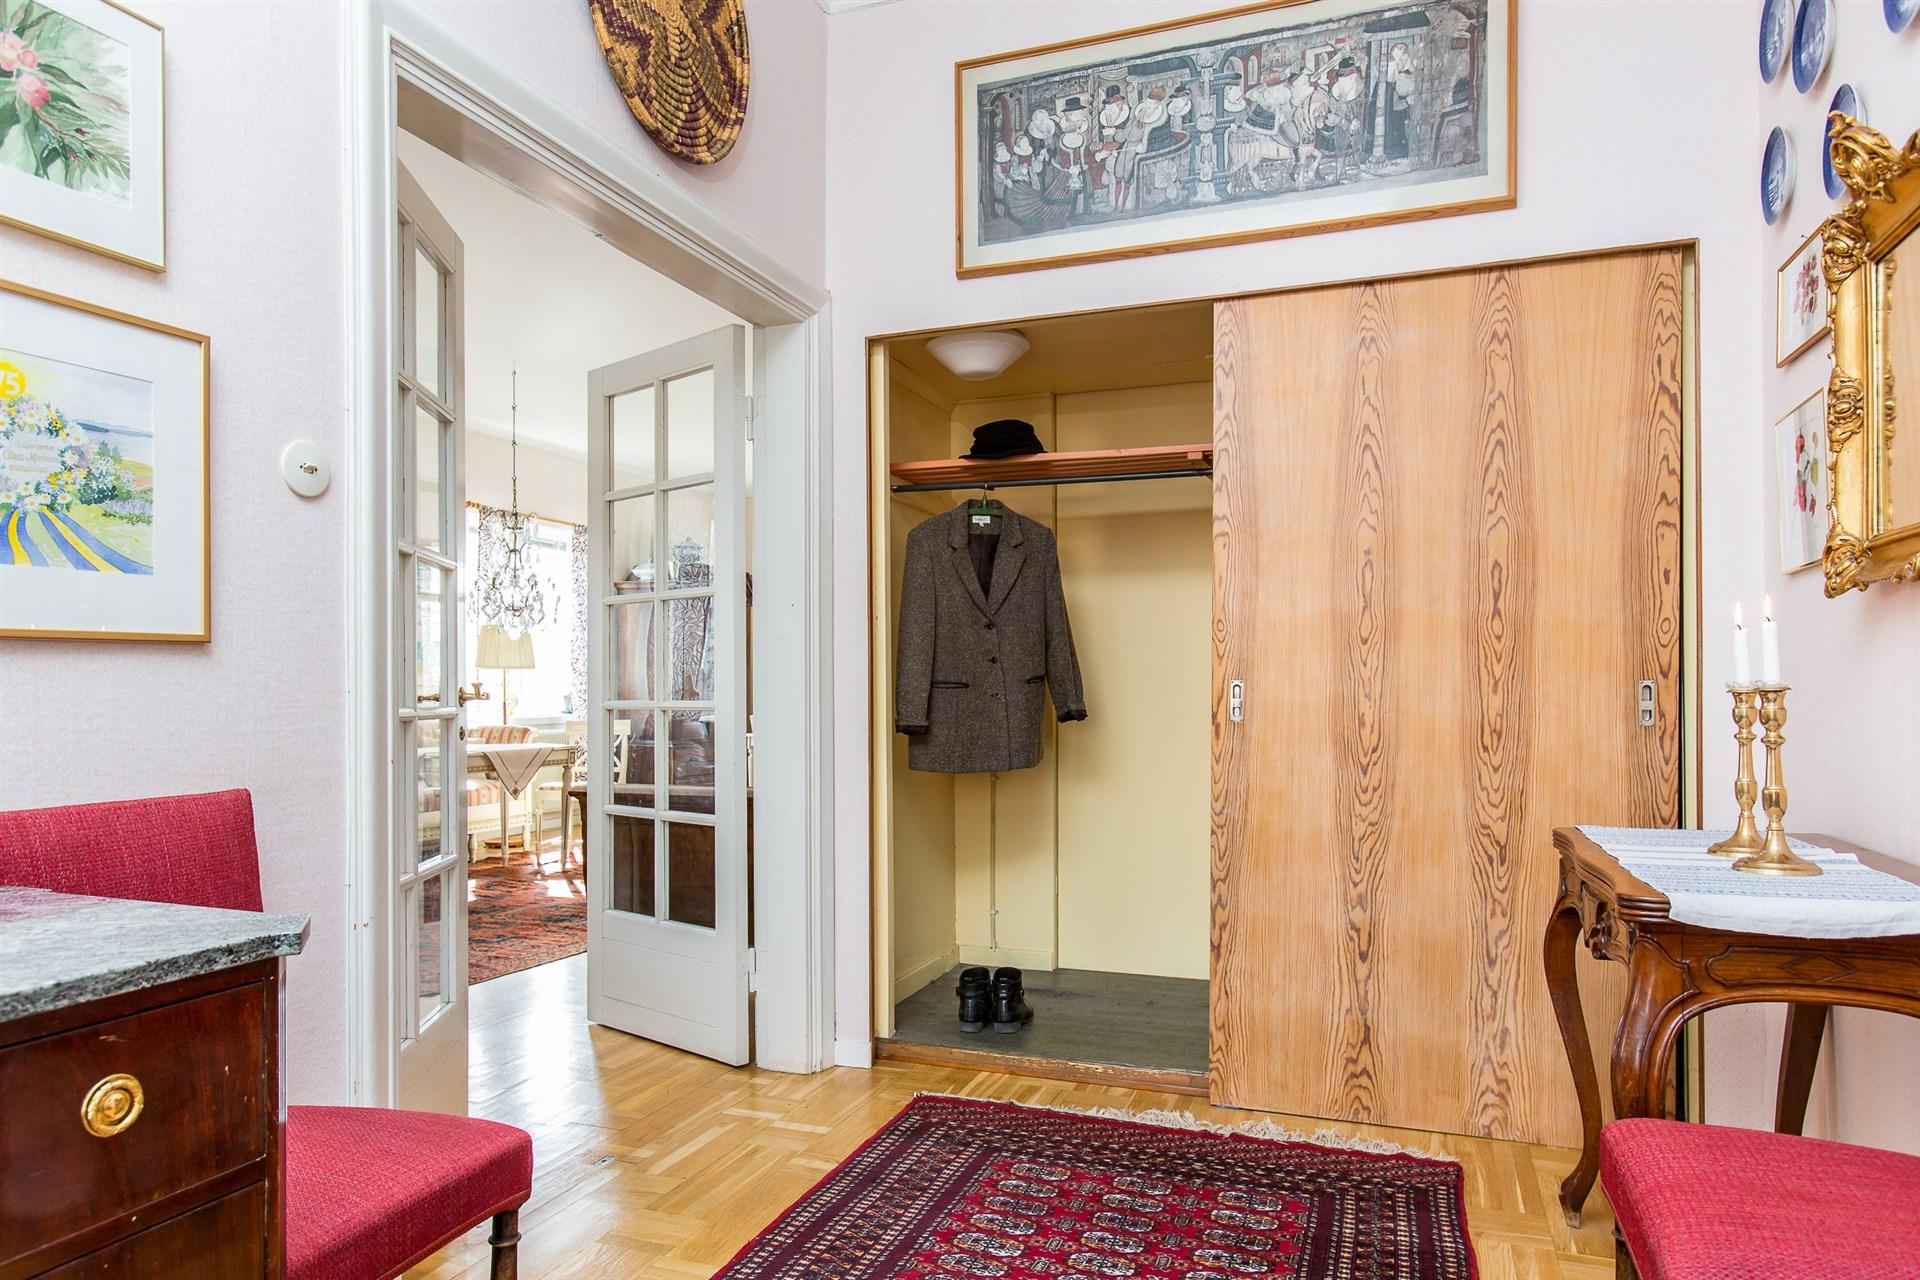 Hallen har glasade pardörrar in mot vardagsrummet